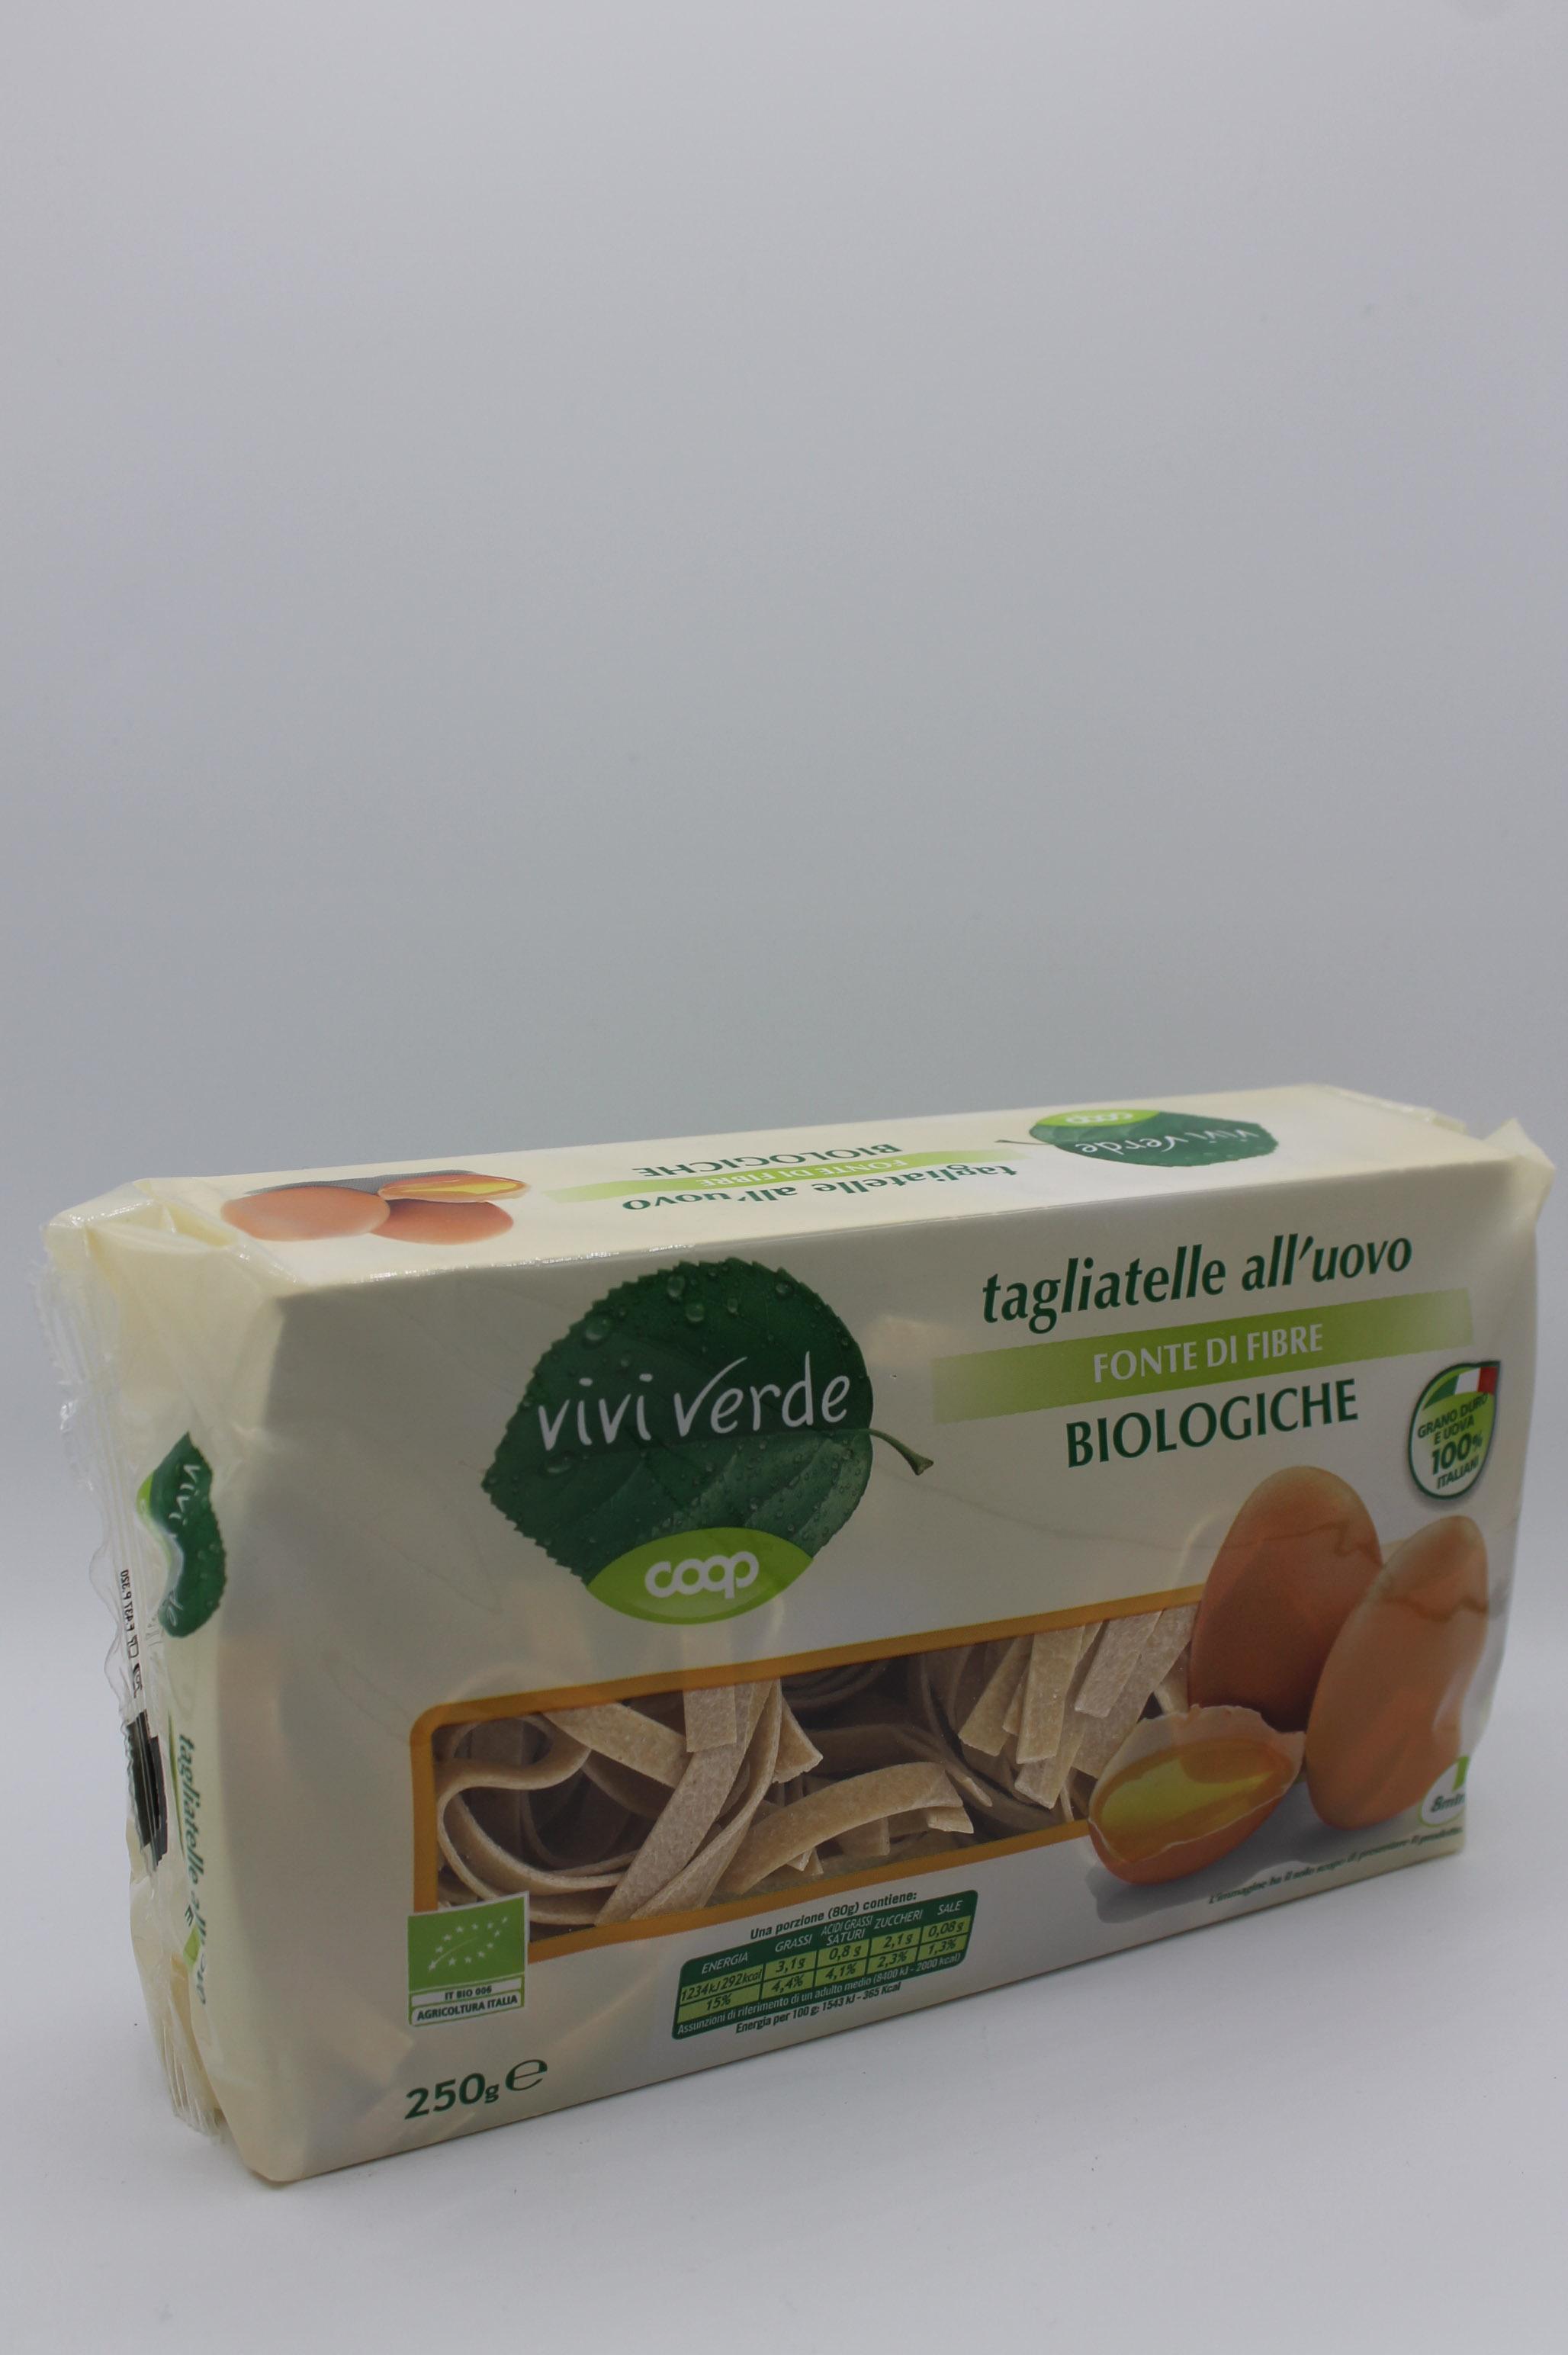 Viviverde coop pasta uovo bio 250gr assortita.